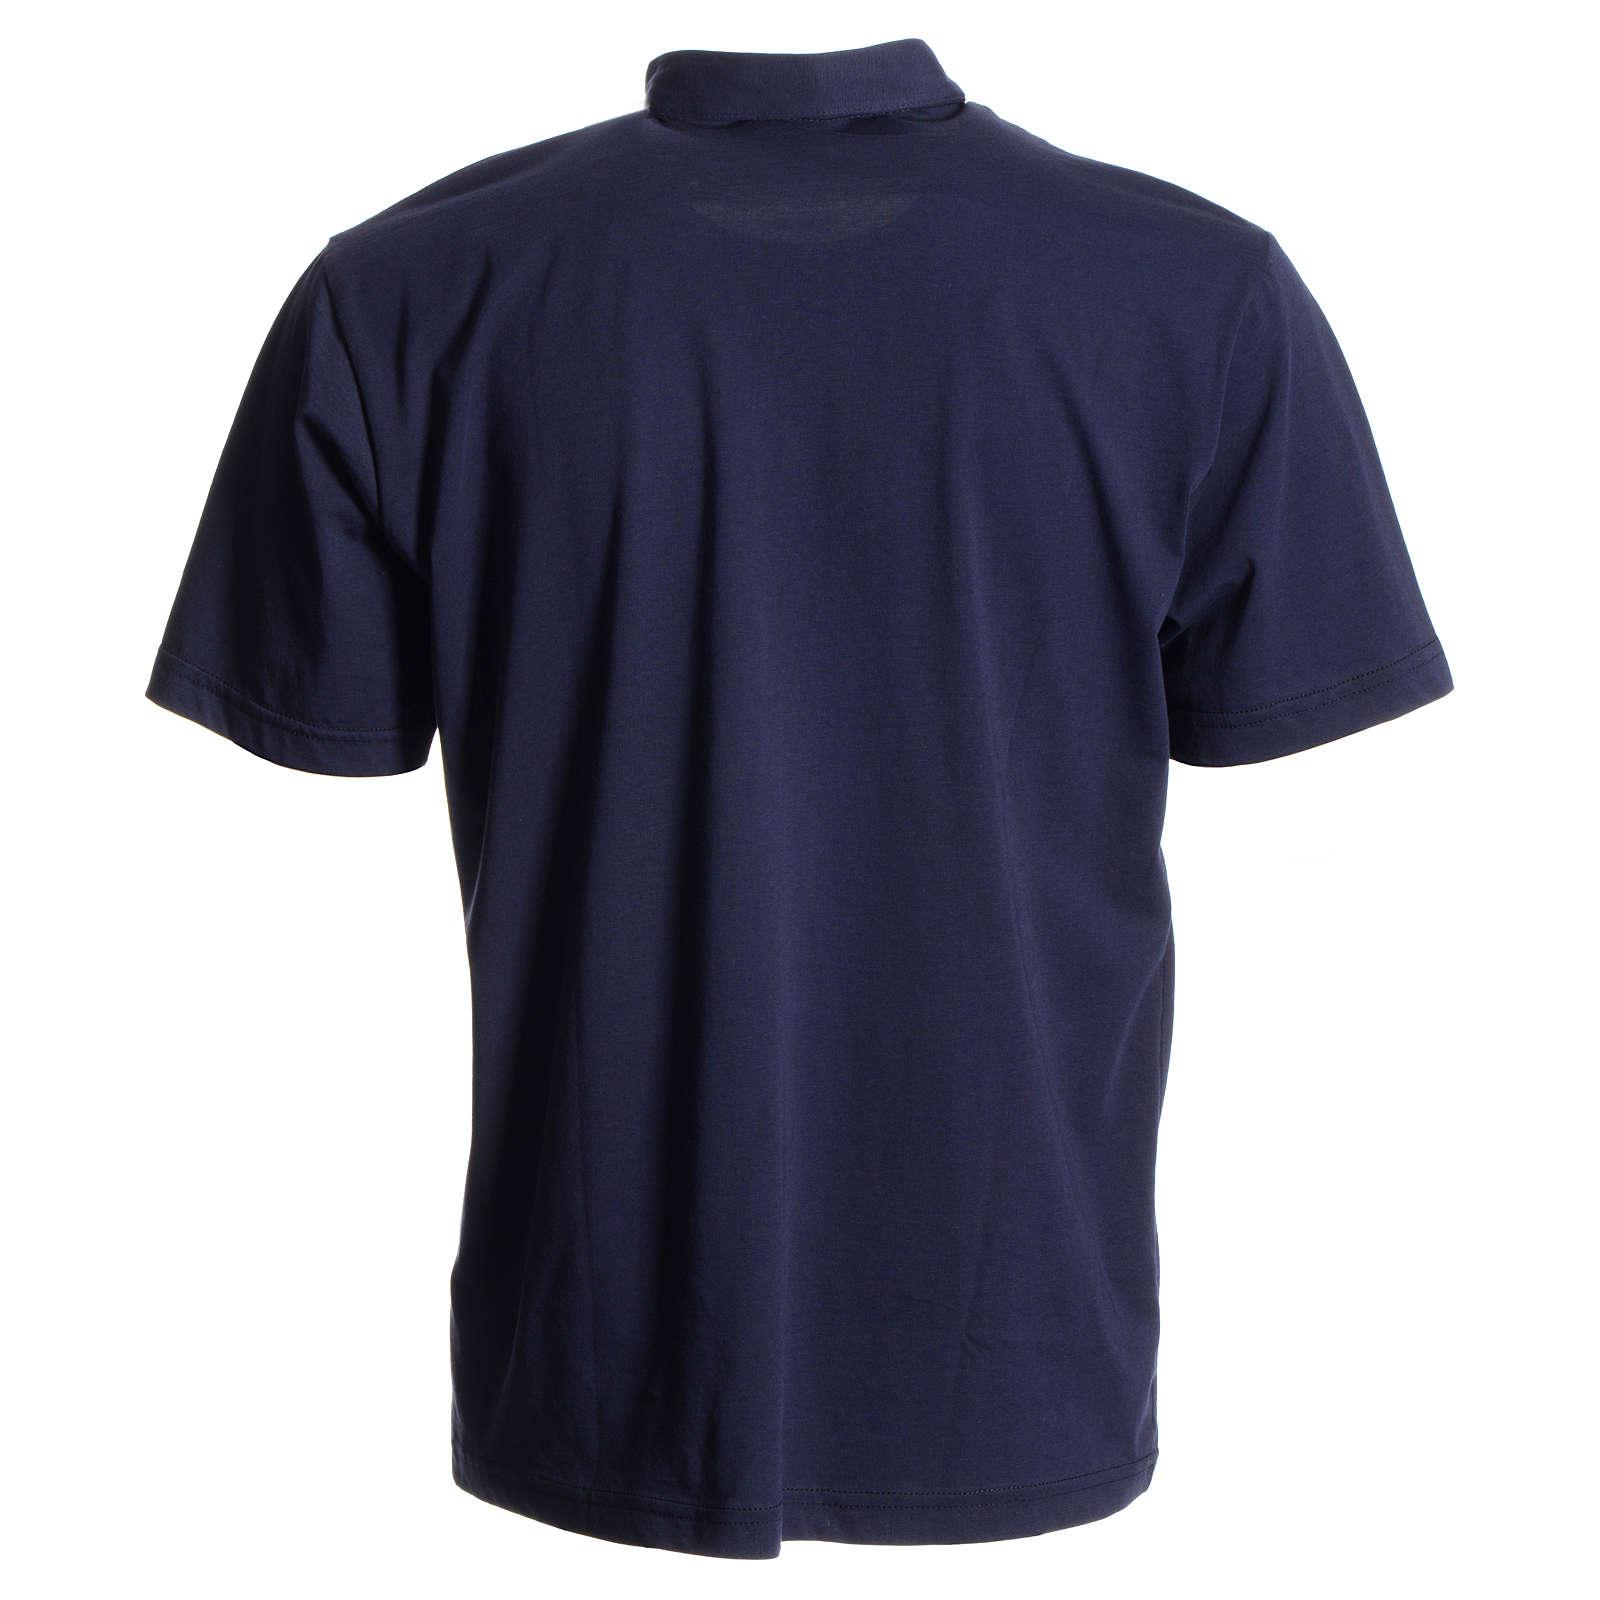 Polo maglia clergy blu scuro 100% cotone 4